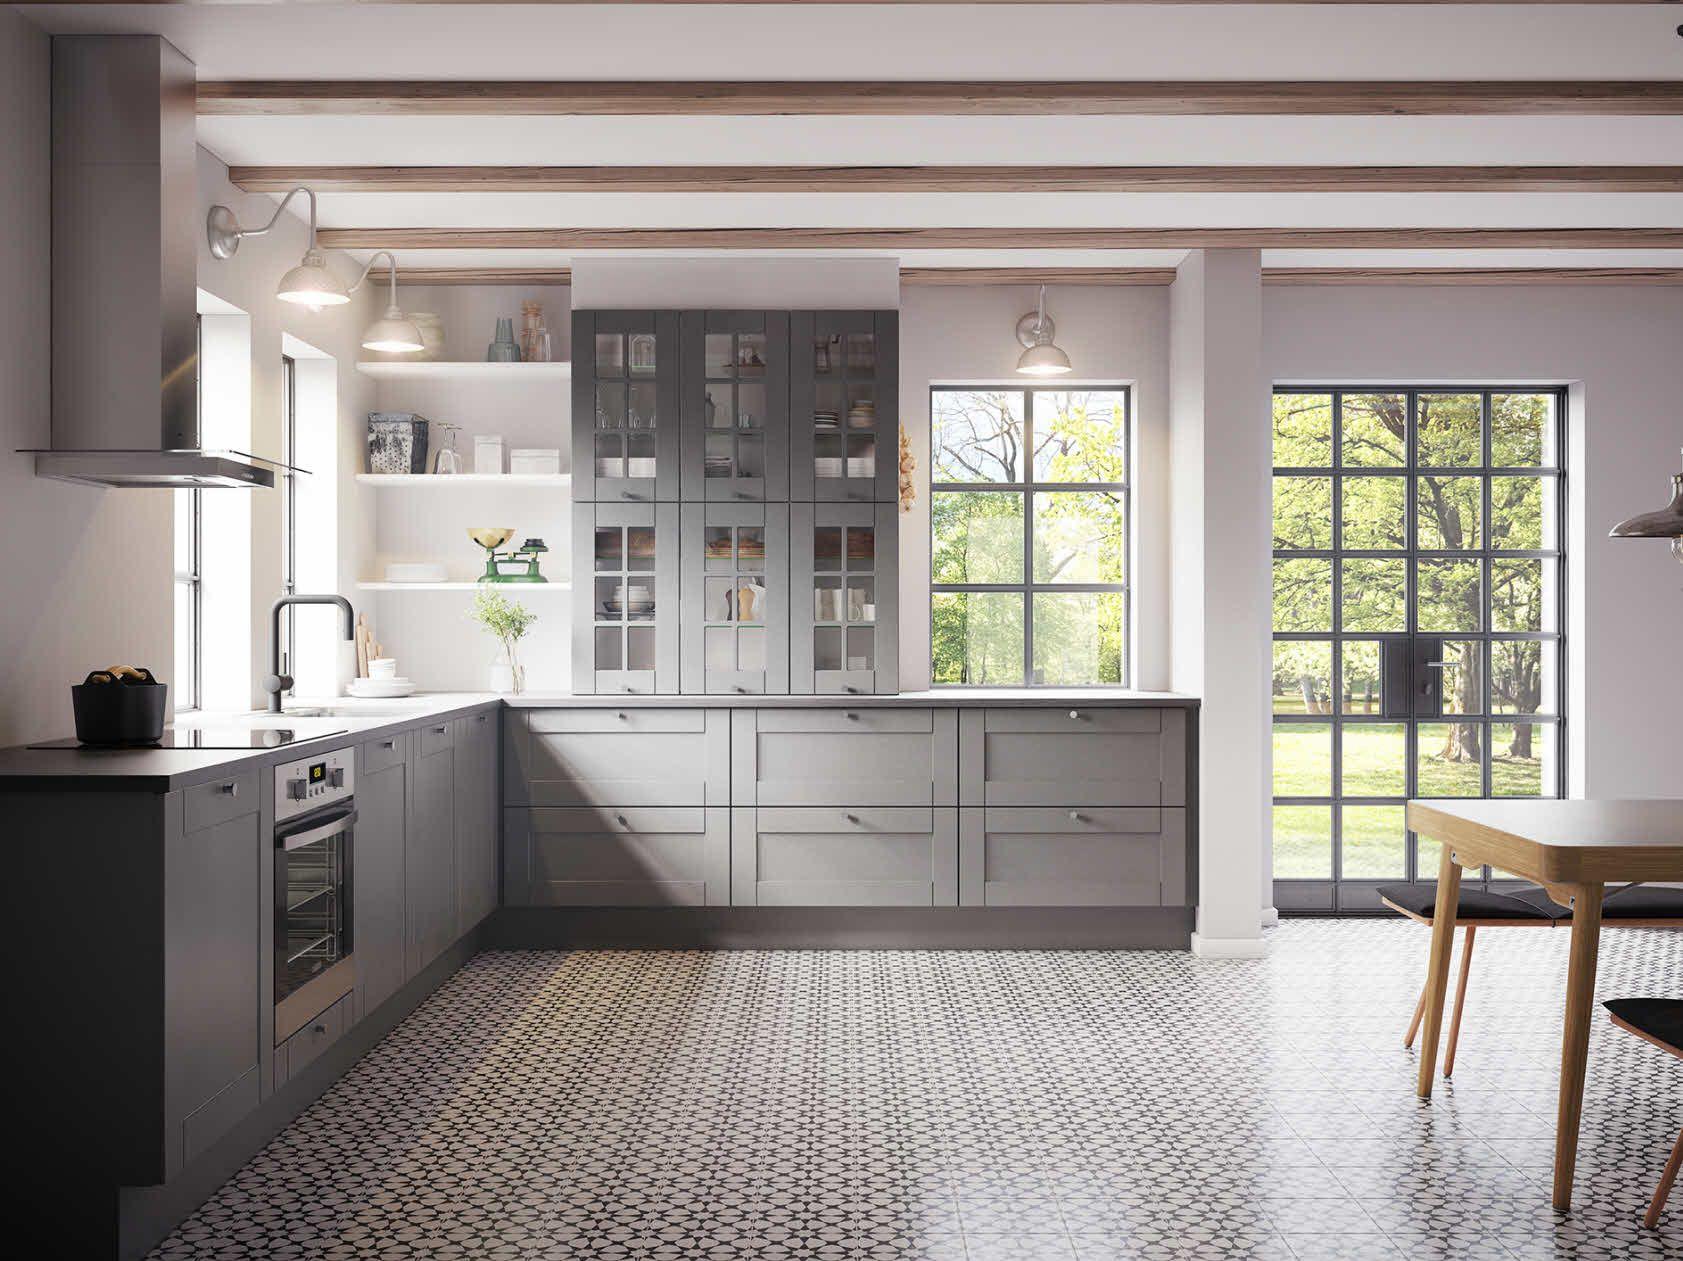 Snygg grå köksinspiration för utsökta hem